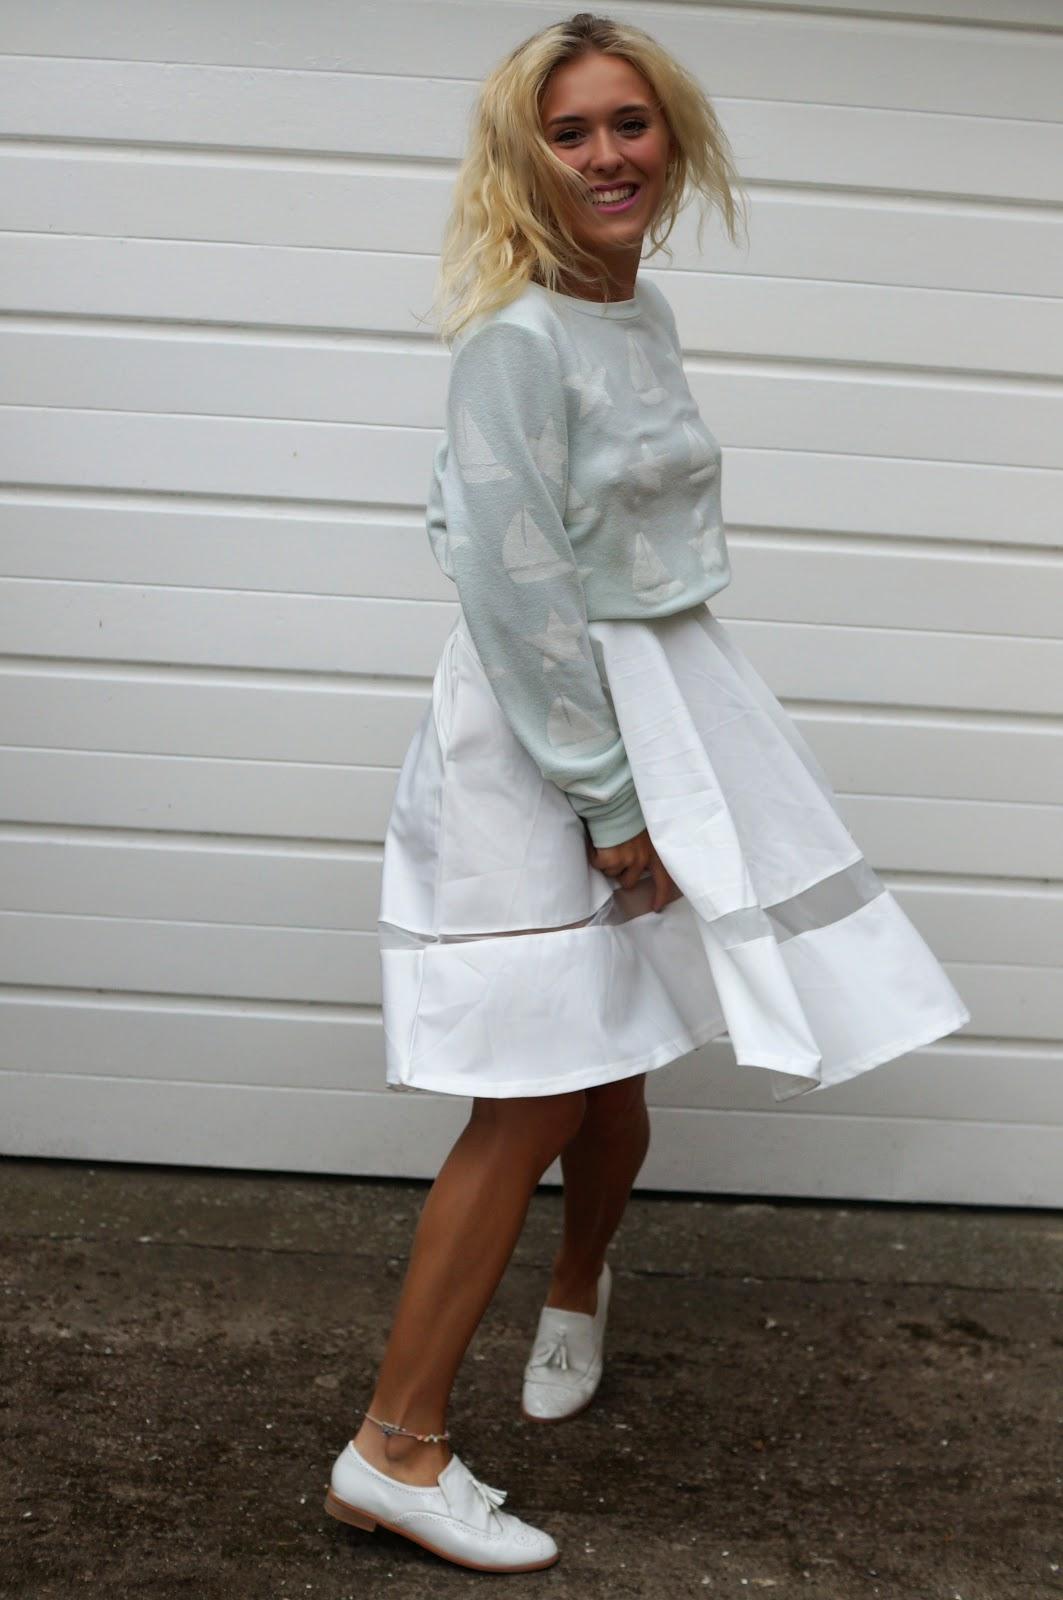 Scuba Volume Midi Skirt with Sheer Insert